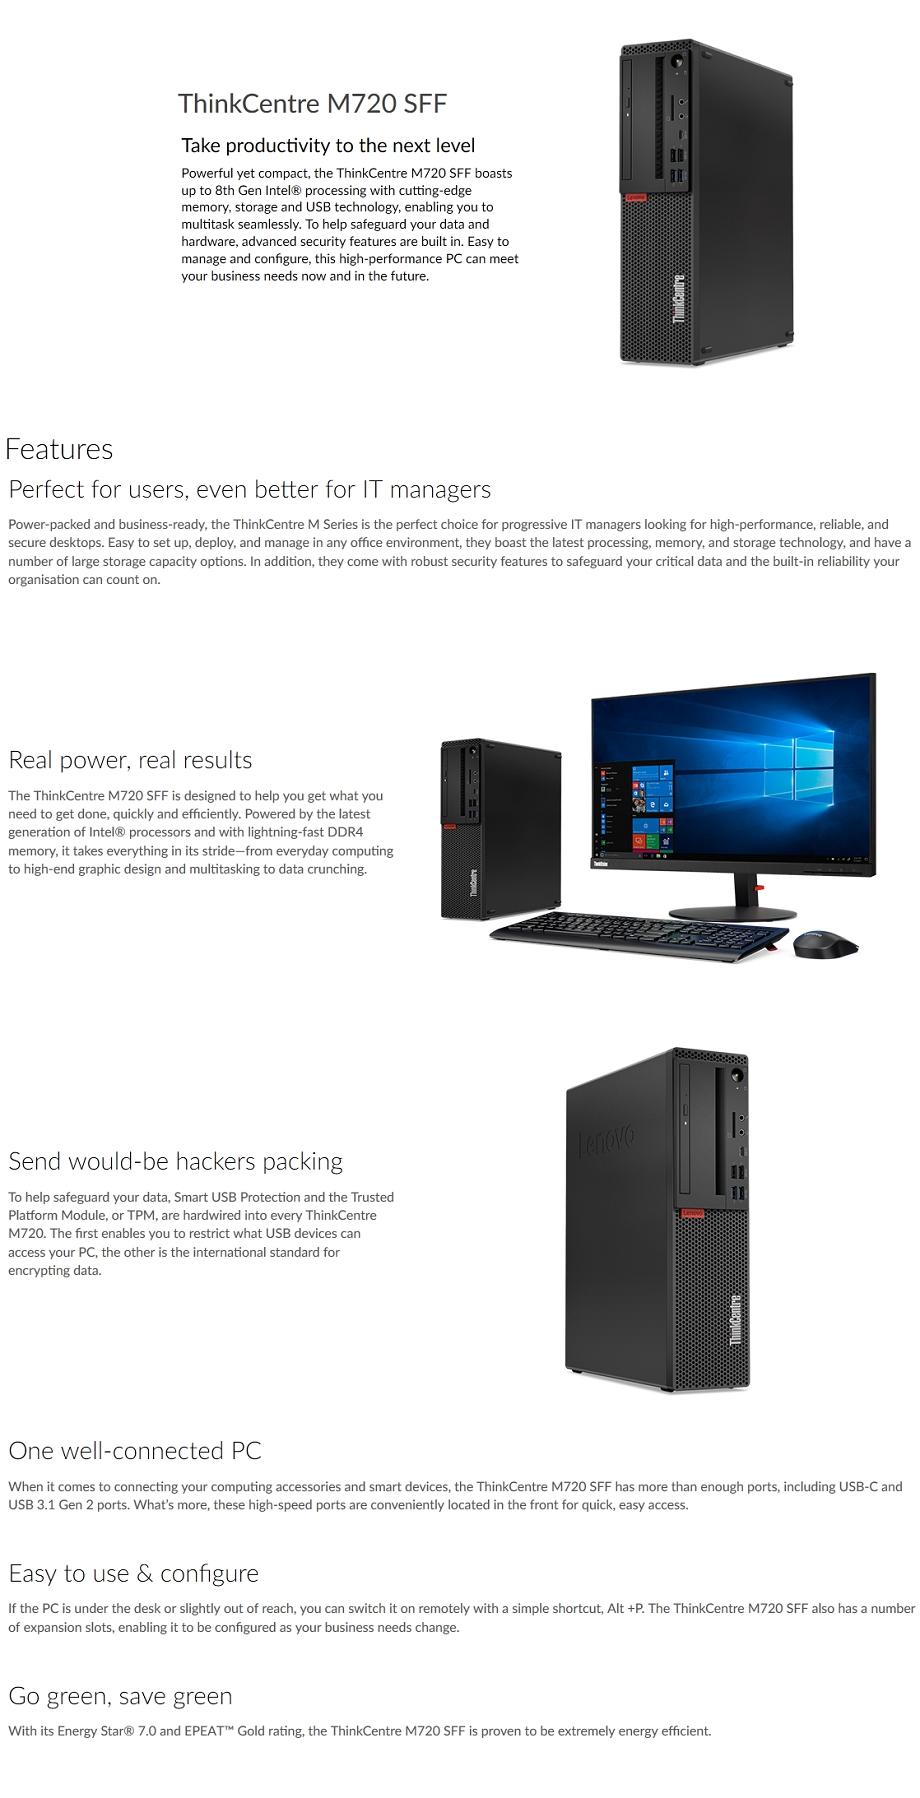 Lenovo ThinkCentre M720 SFF Intel Core i7 Desktop PC